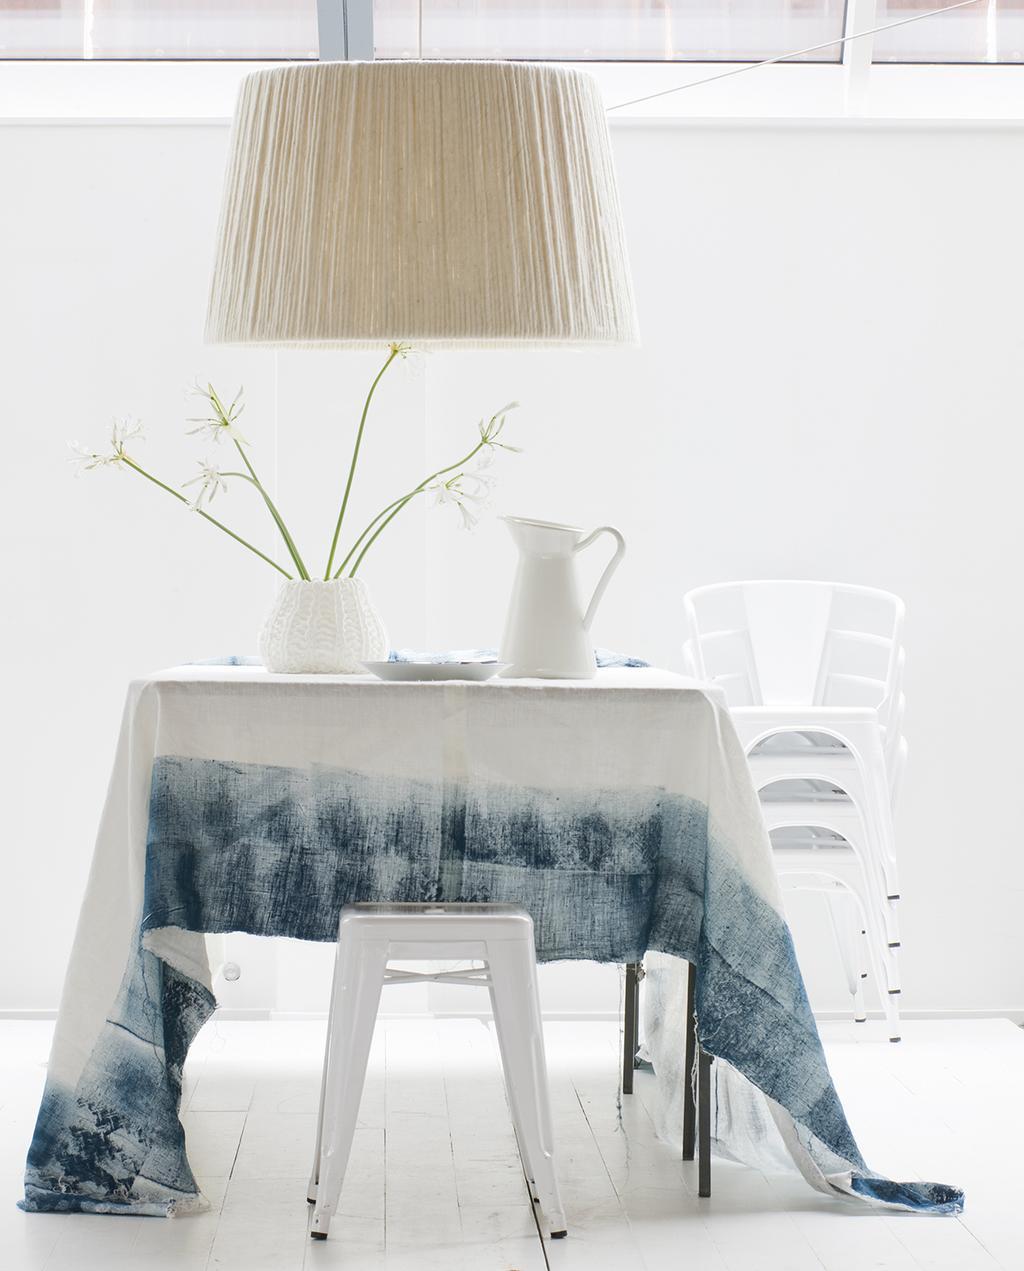 vtwonen 01-2010 | rustige paastafel met blauw tafelkleed